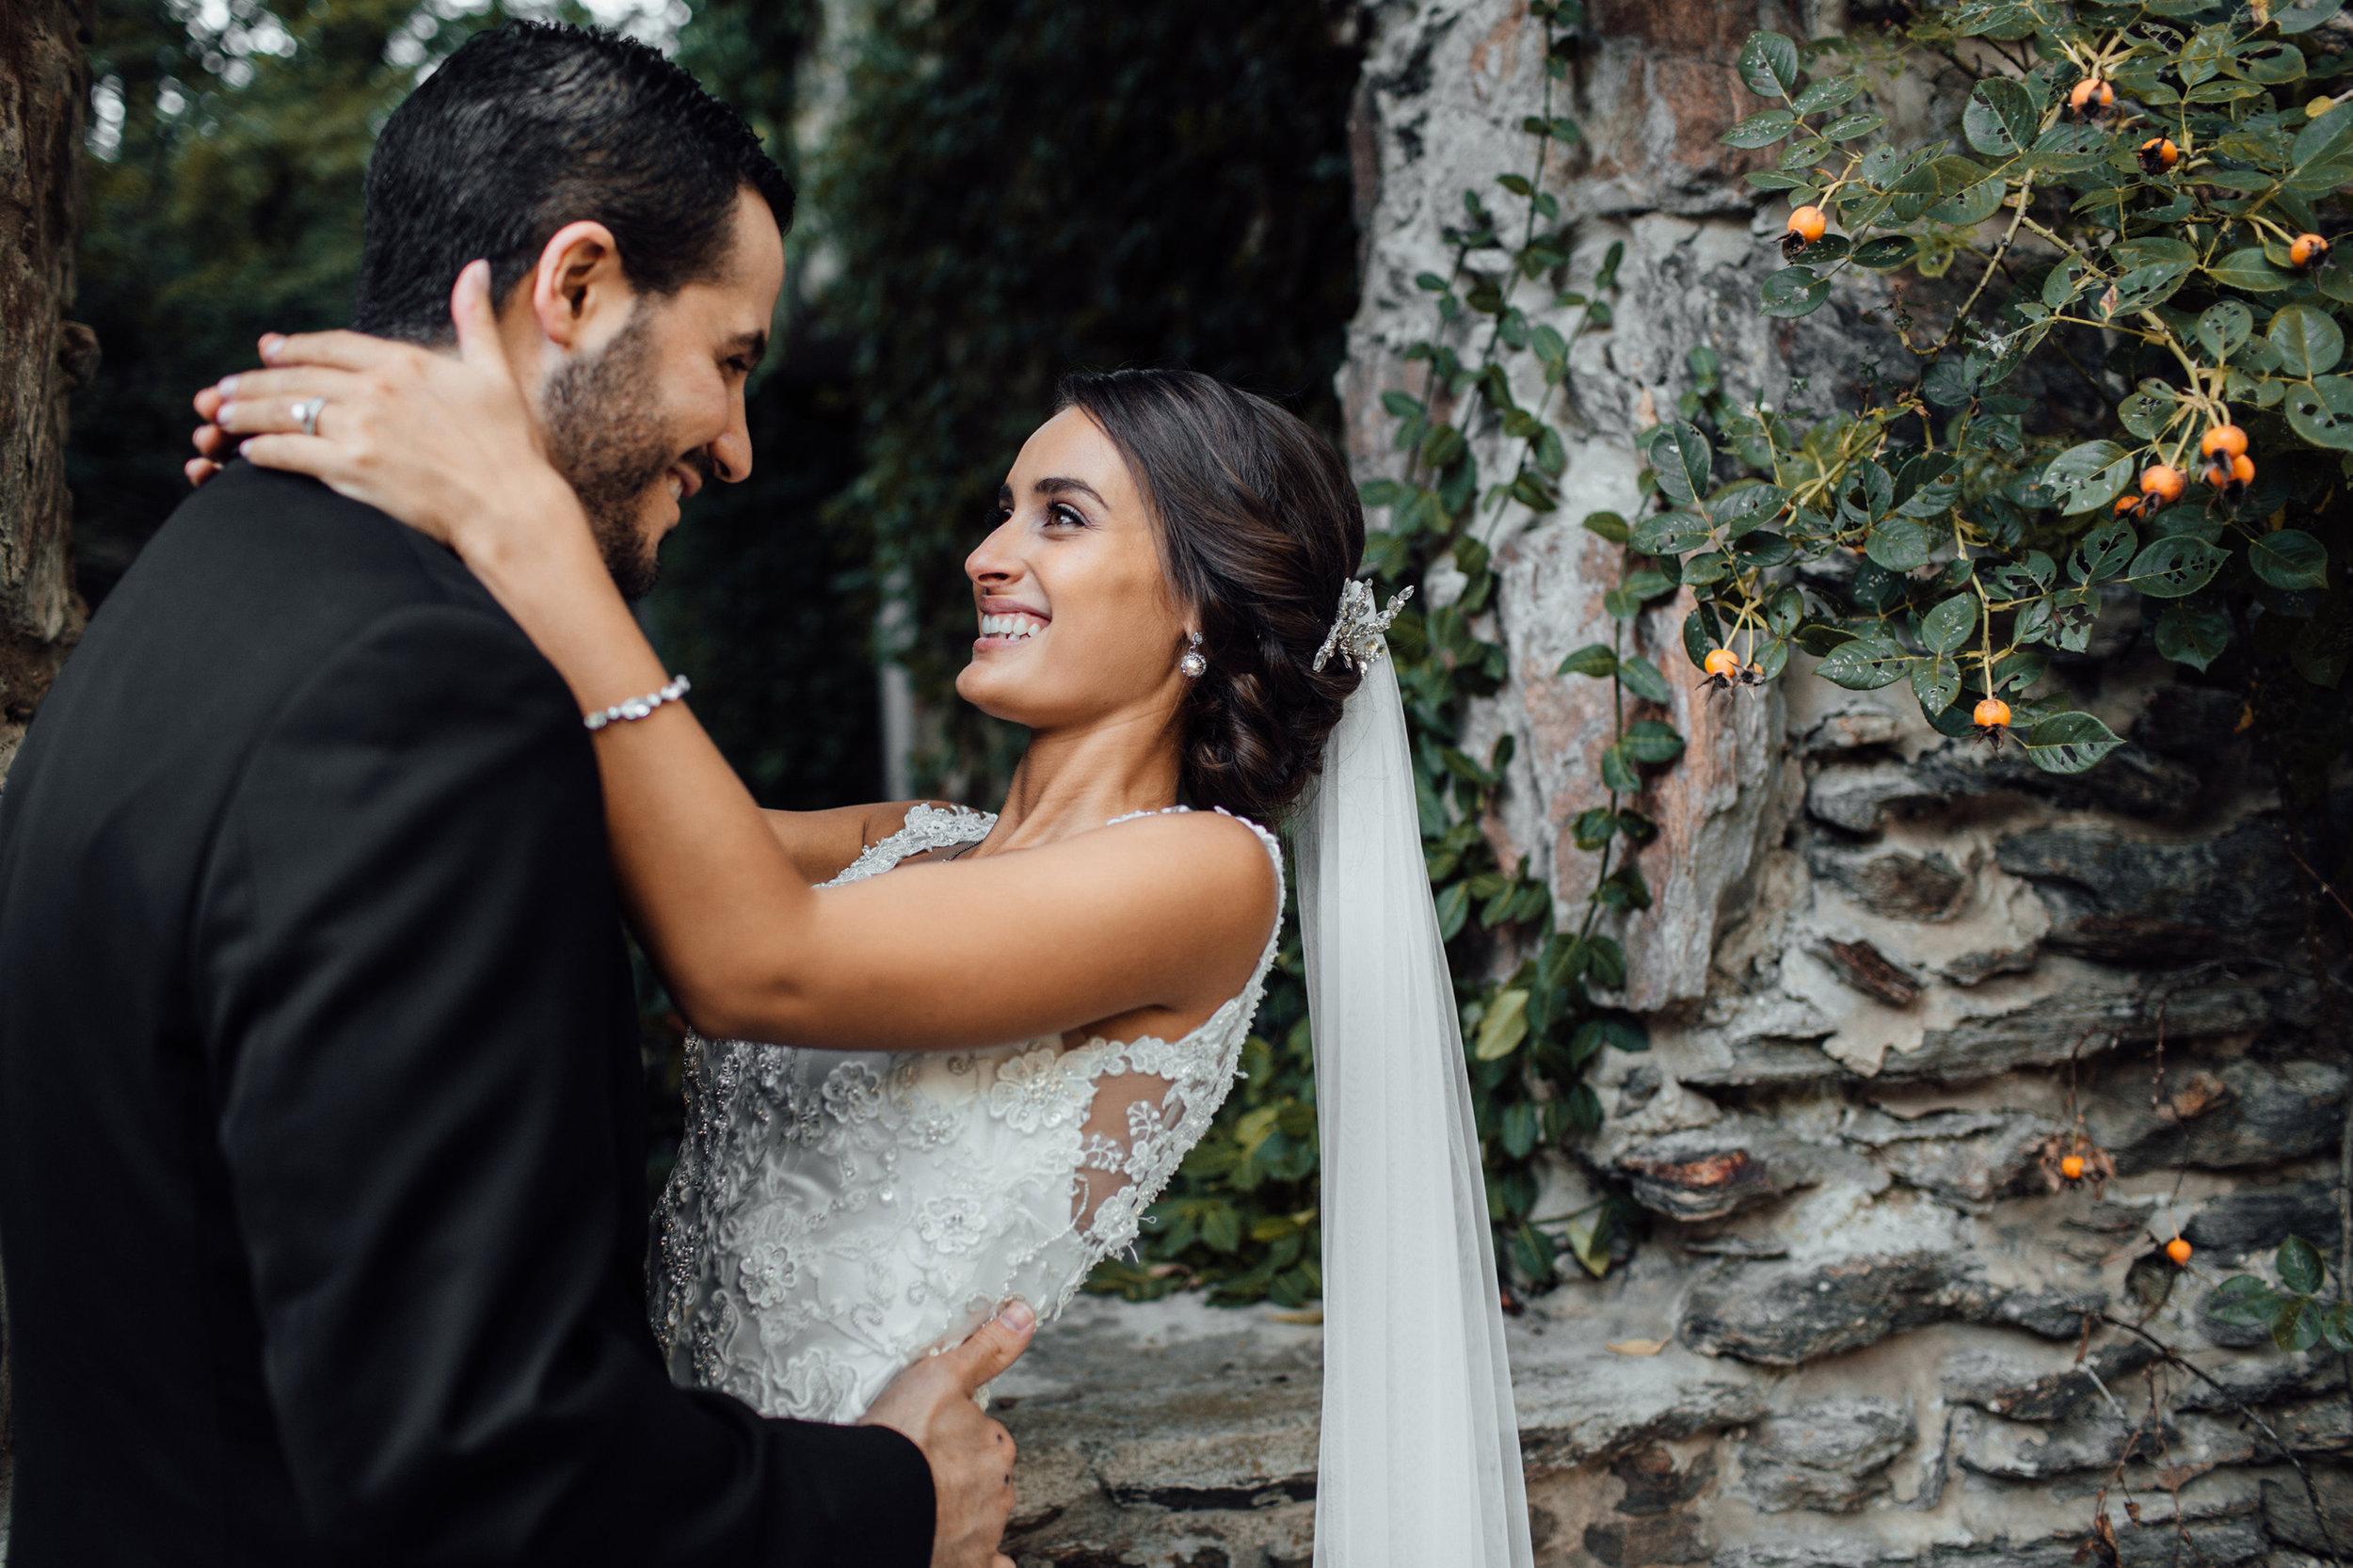 IESHAandSAL-bridegroom(25of180).jpg